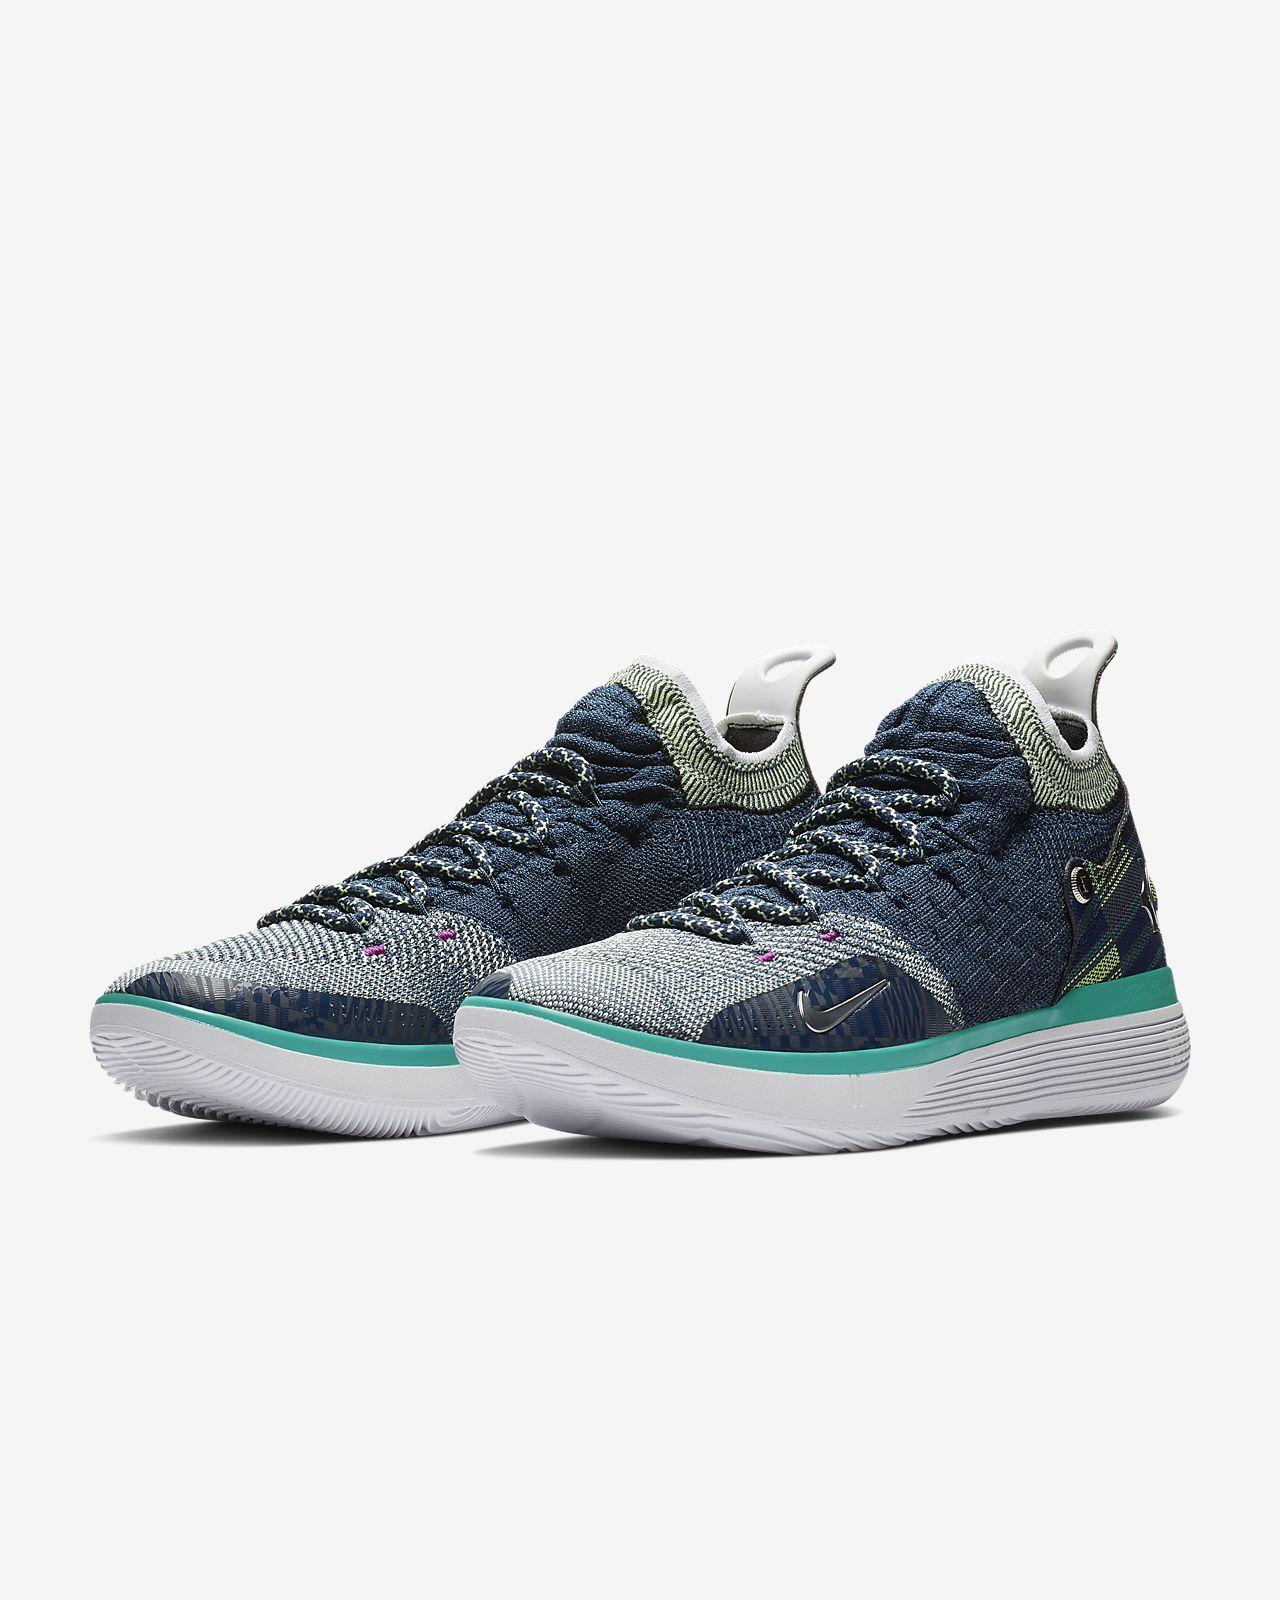 e4c01c5996b2 Nike Zoom KD11 BHM Basketball Shoe. Nike.com